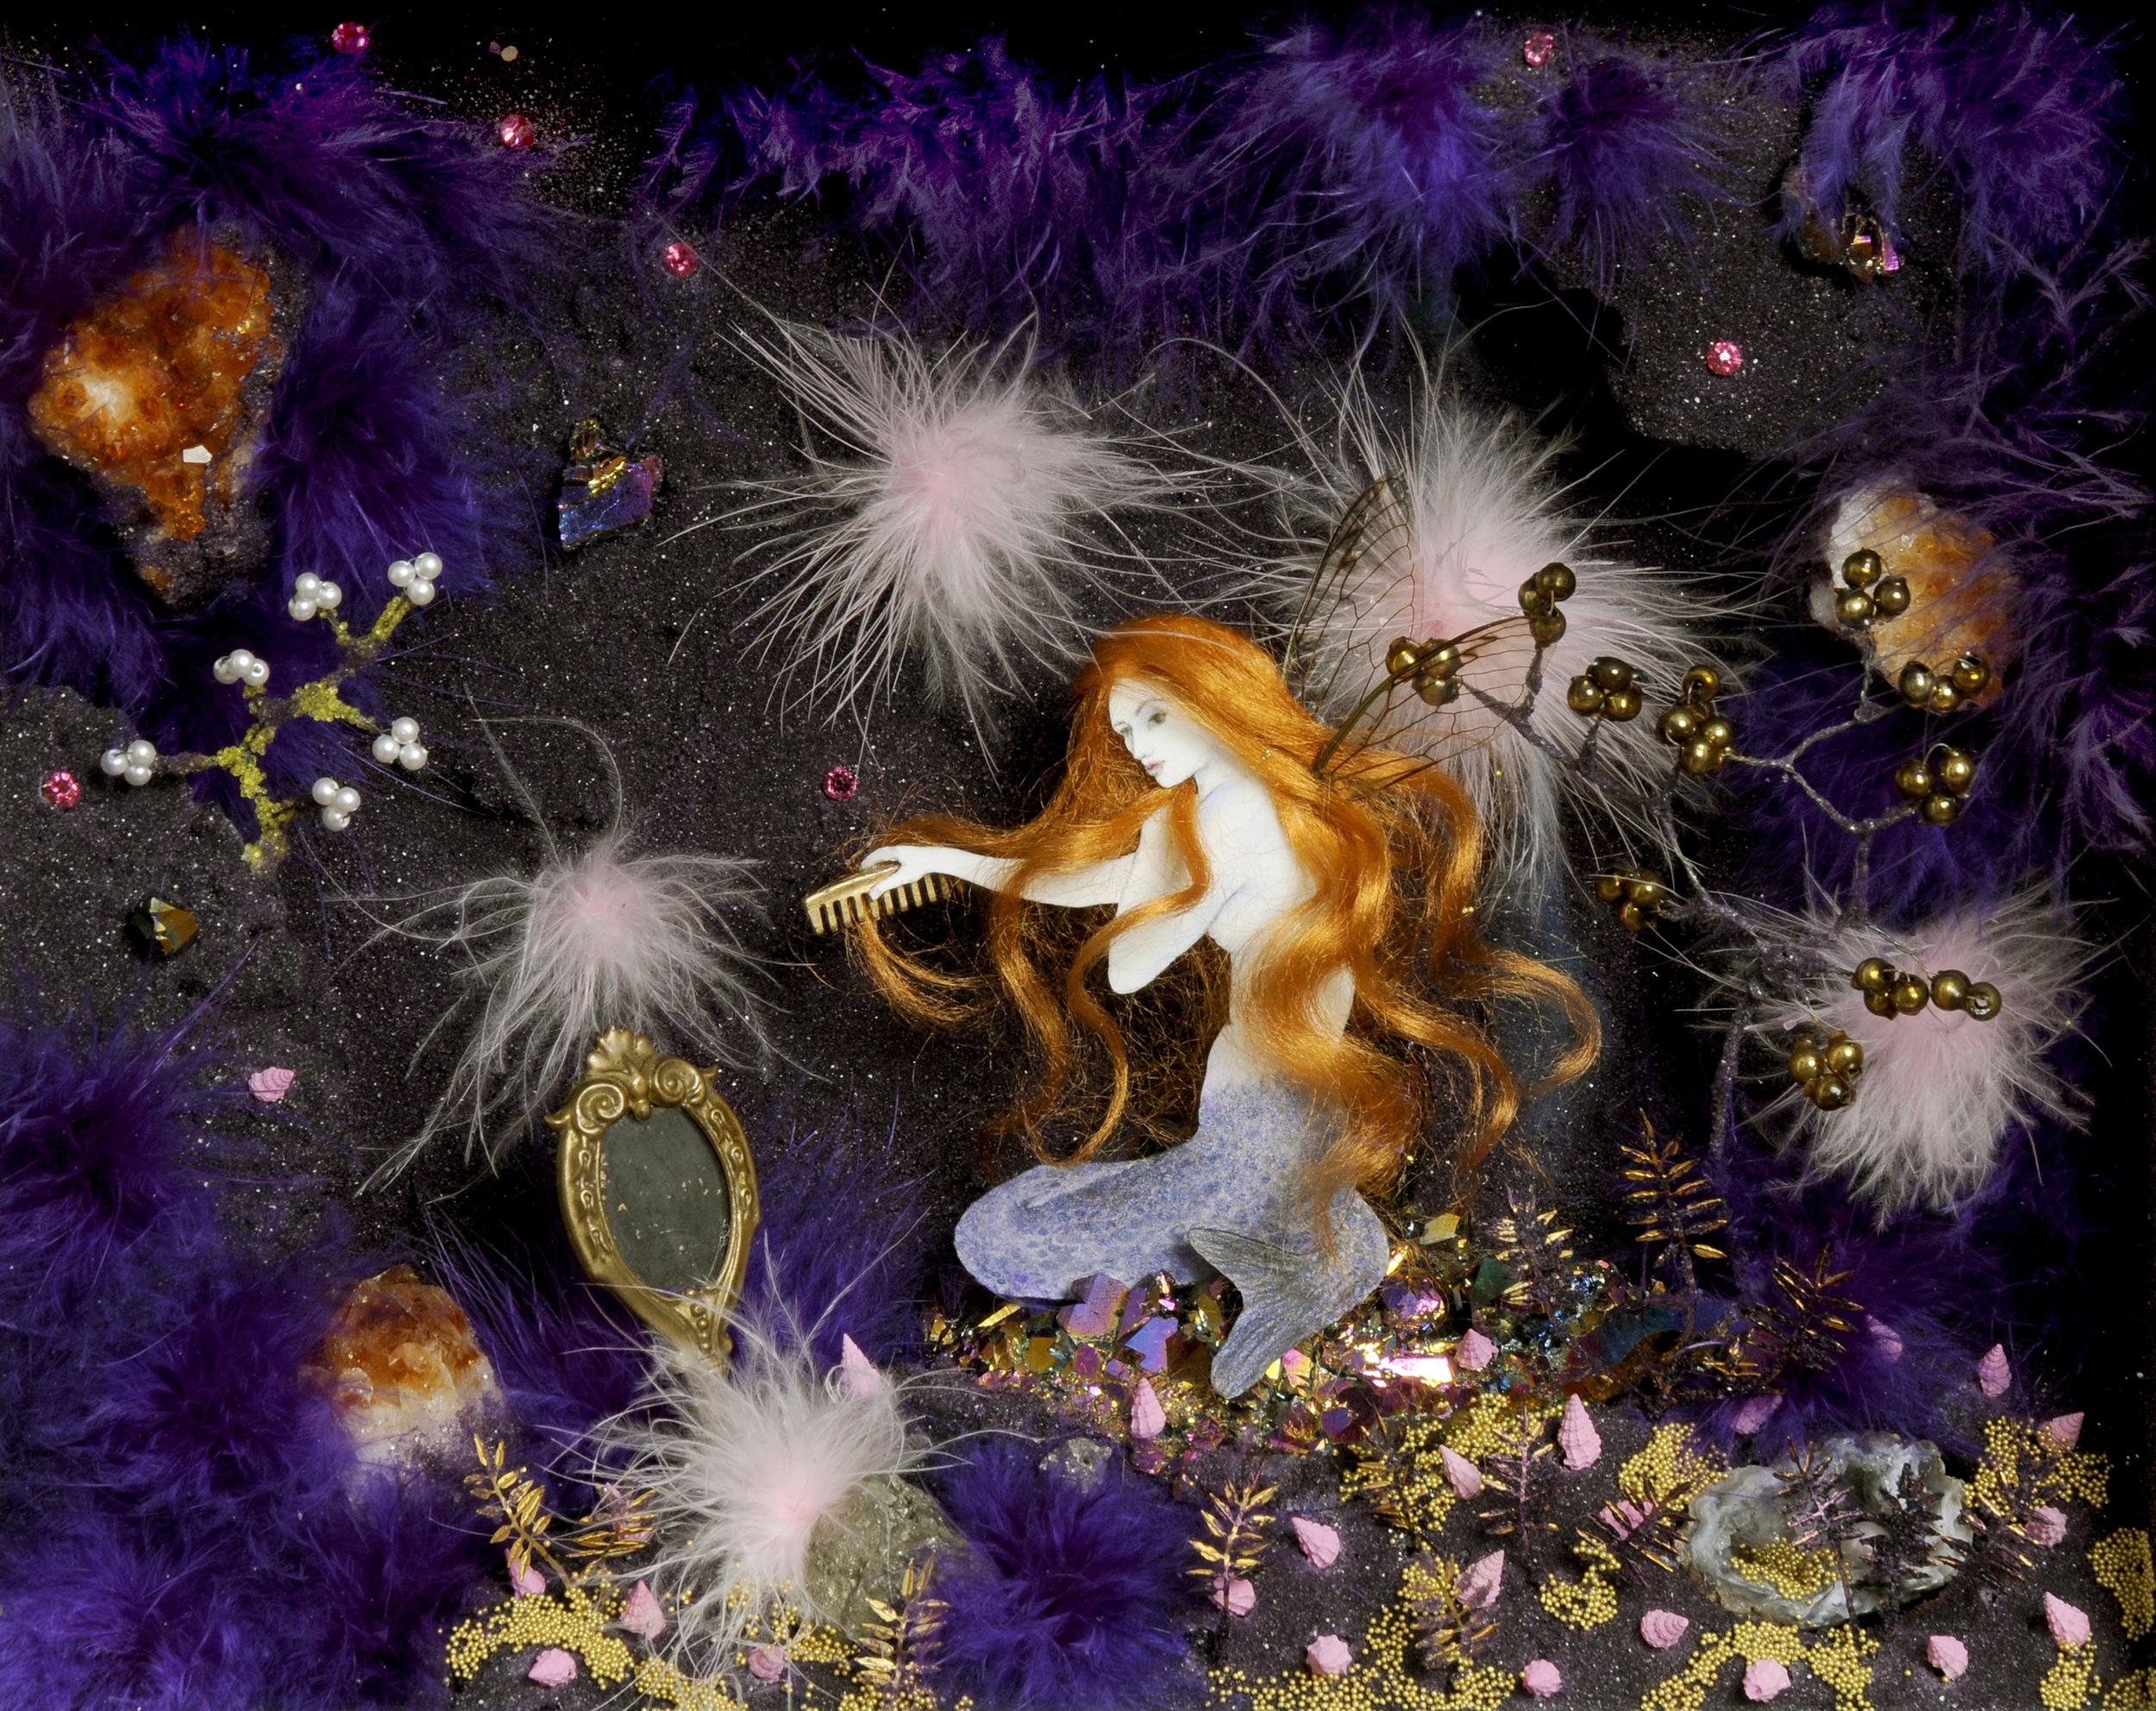 Purple Mermaid with Wings .jpg